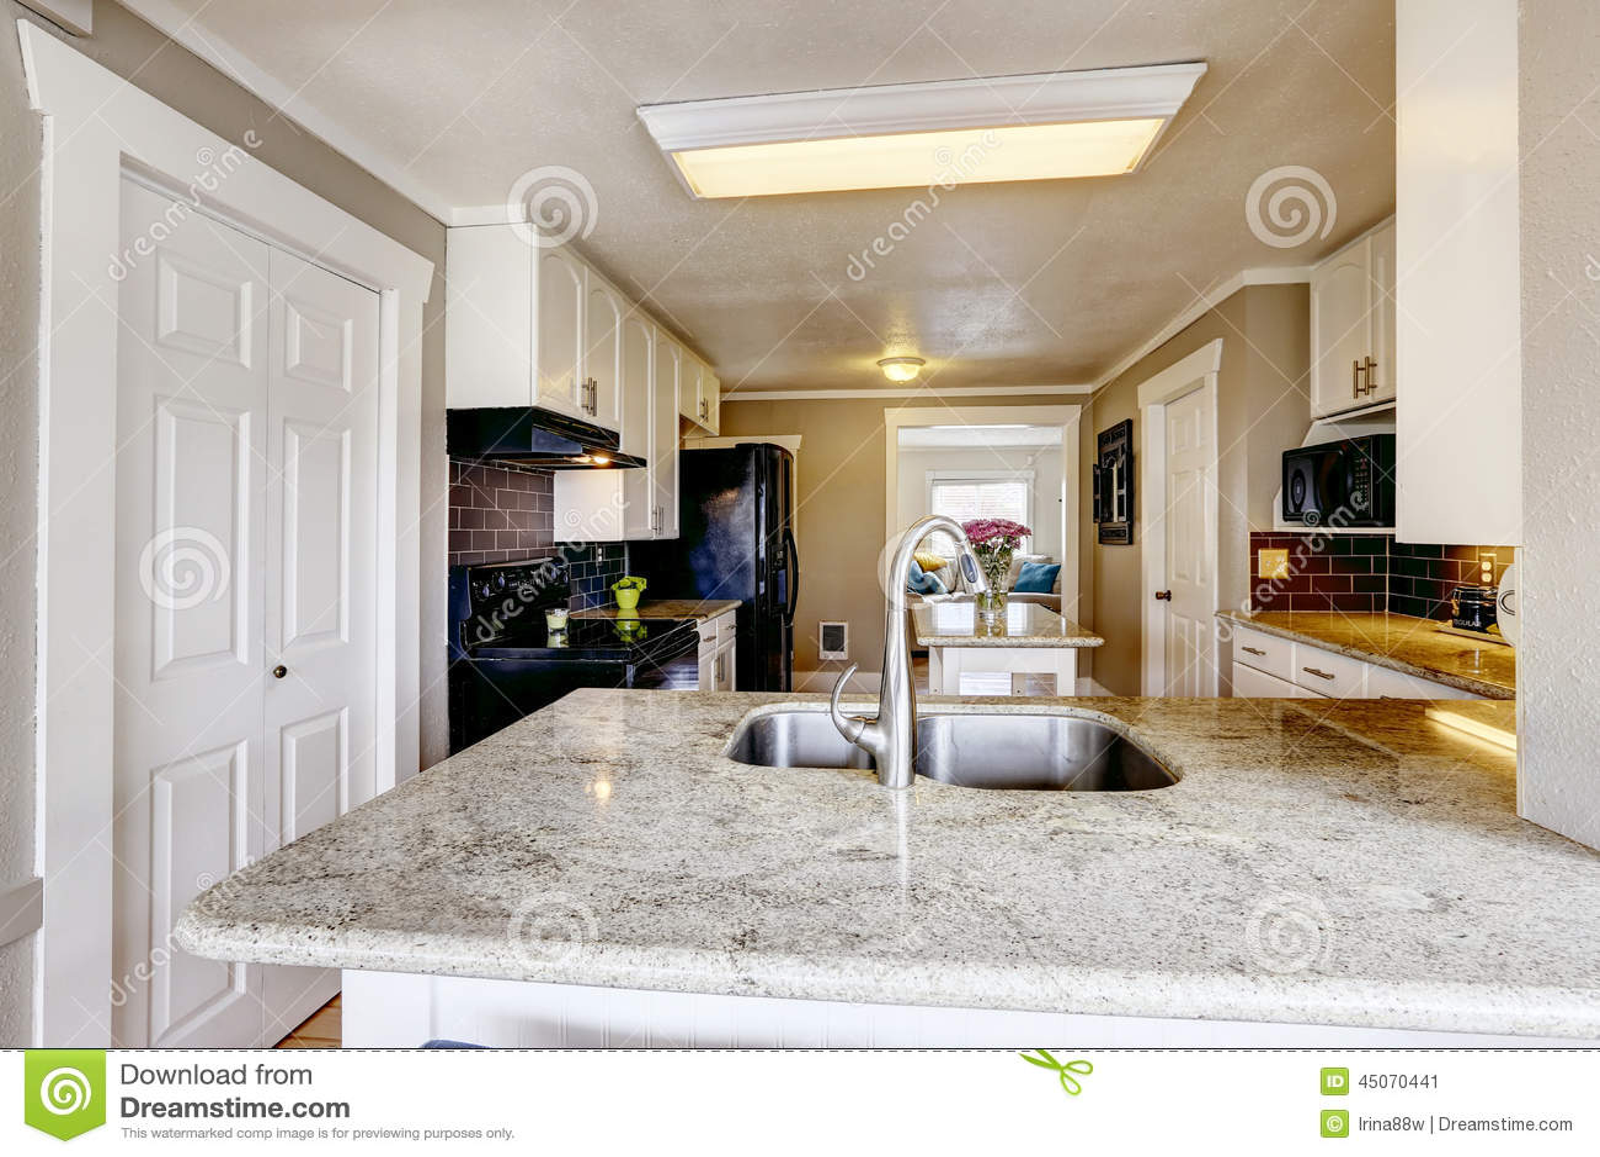 renew kitchen cabinets oakley sink backpack review 有花岗岩上面的厨柜和钢下沉库存图片 图片包括有更新 任何地方 西北 有花岗岩上面的厨柜和钢下沉